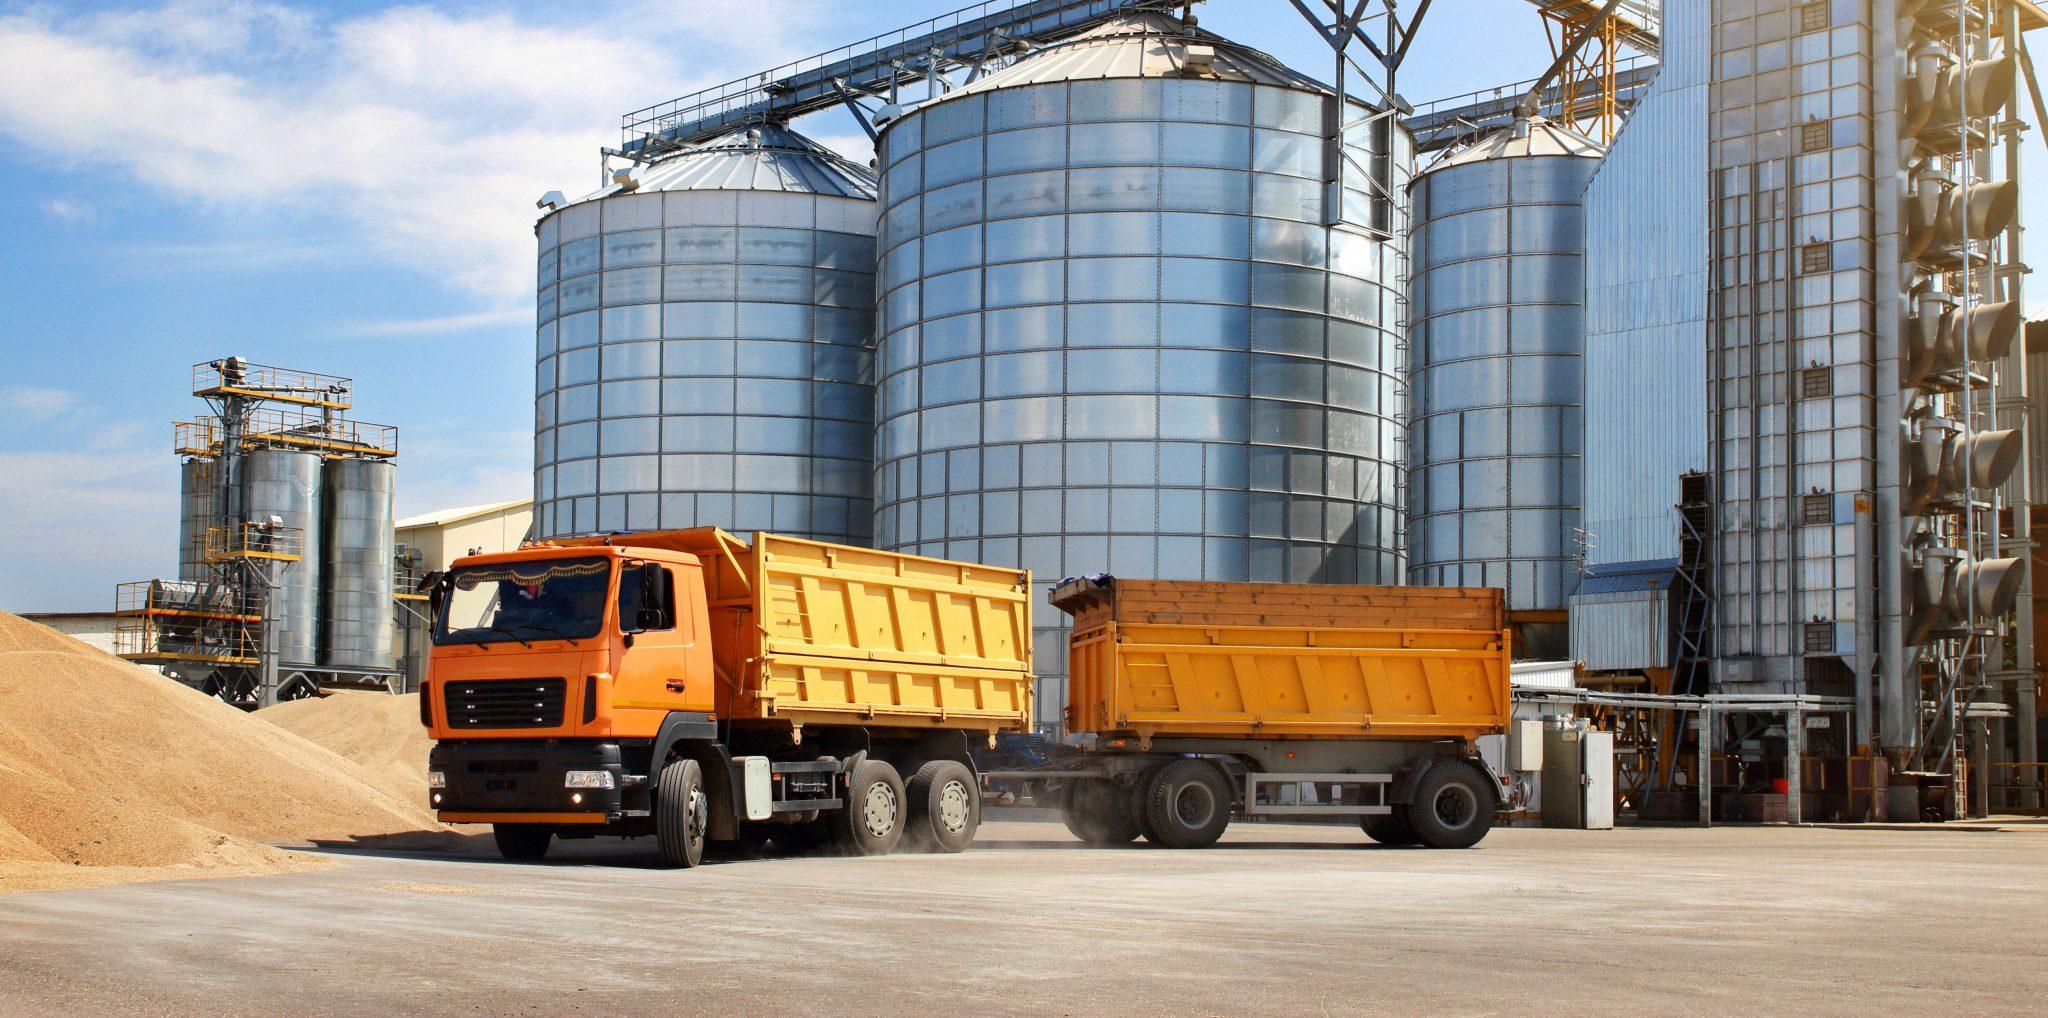 Покупка зерна на элеваторе замена термостата на транспортер т4